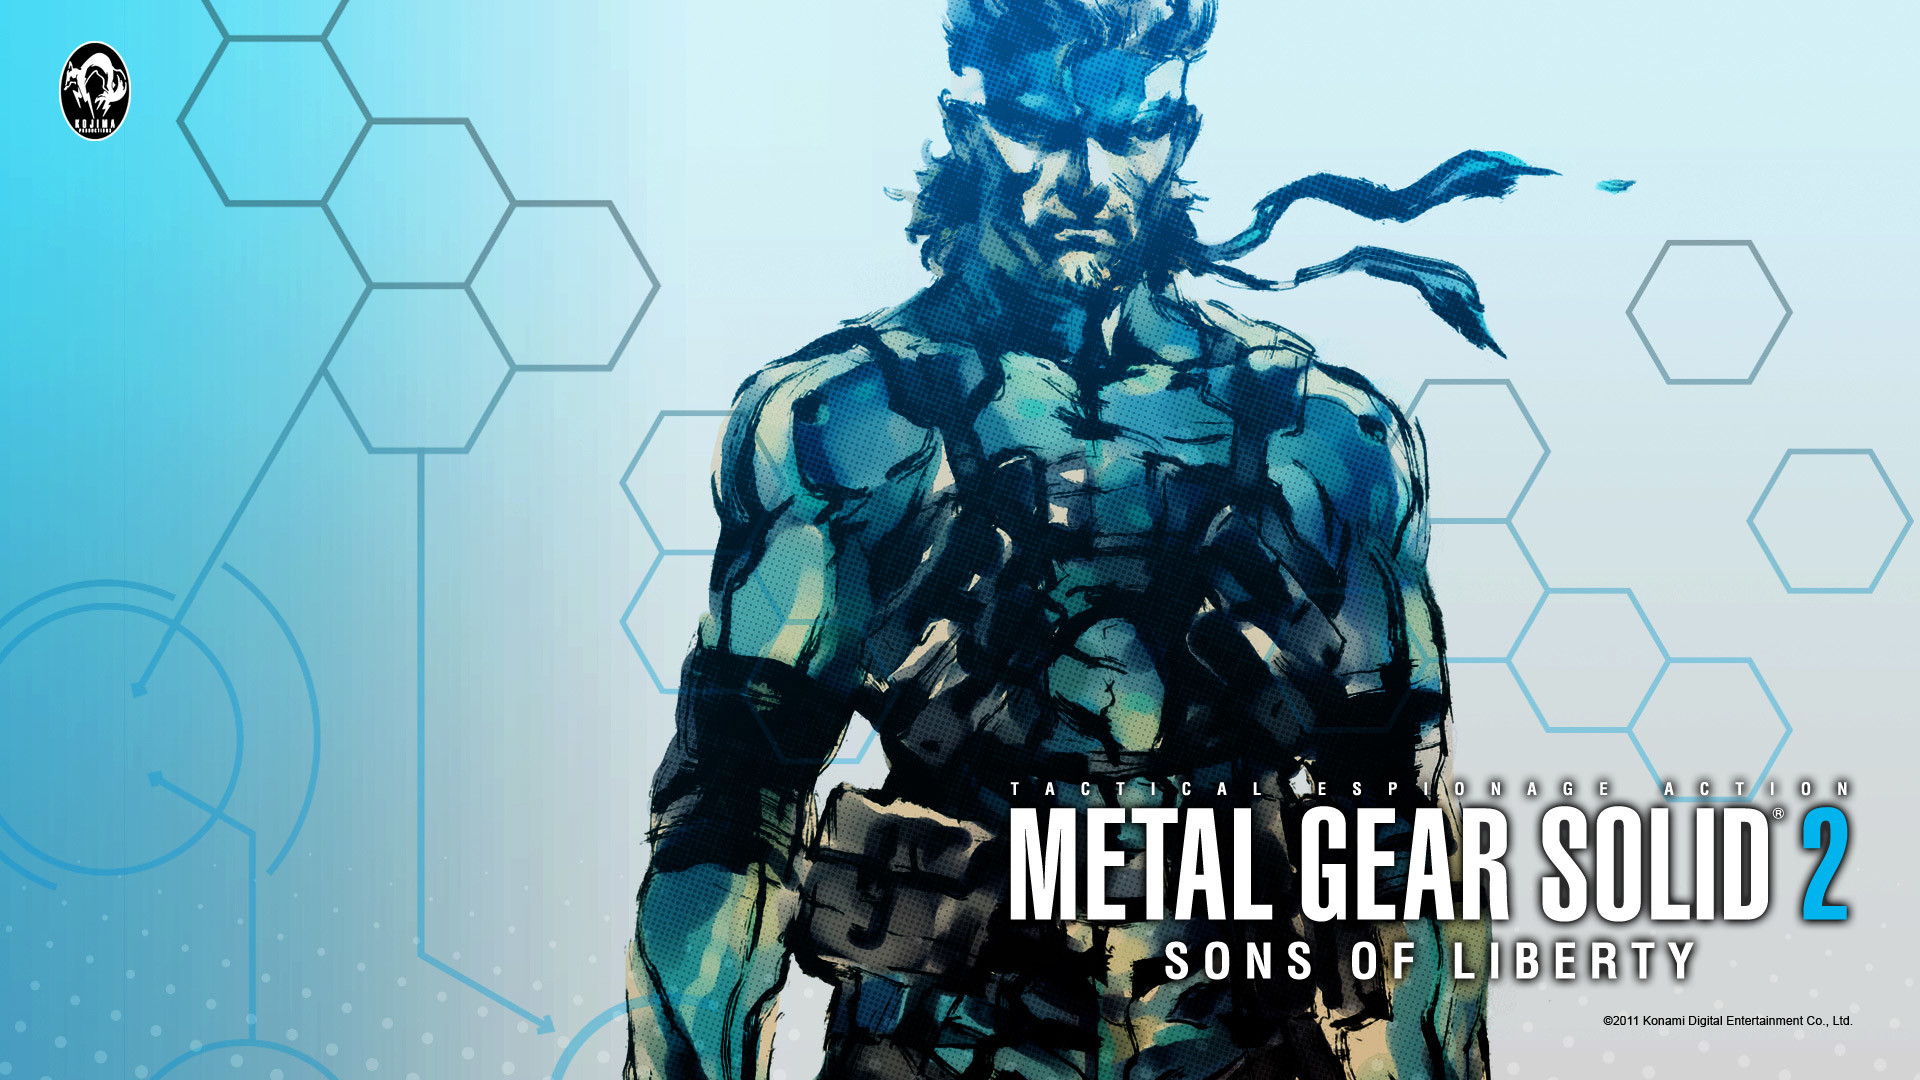 Free Metal Gear Solid 2 Wallpaper in 1920×1080